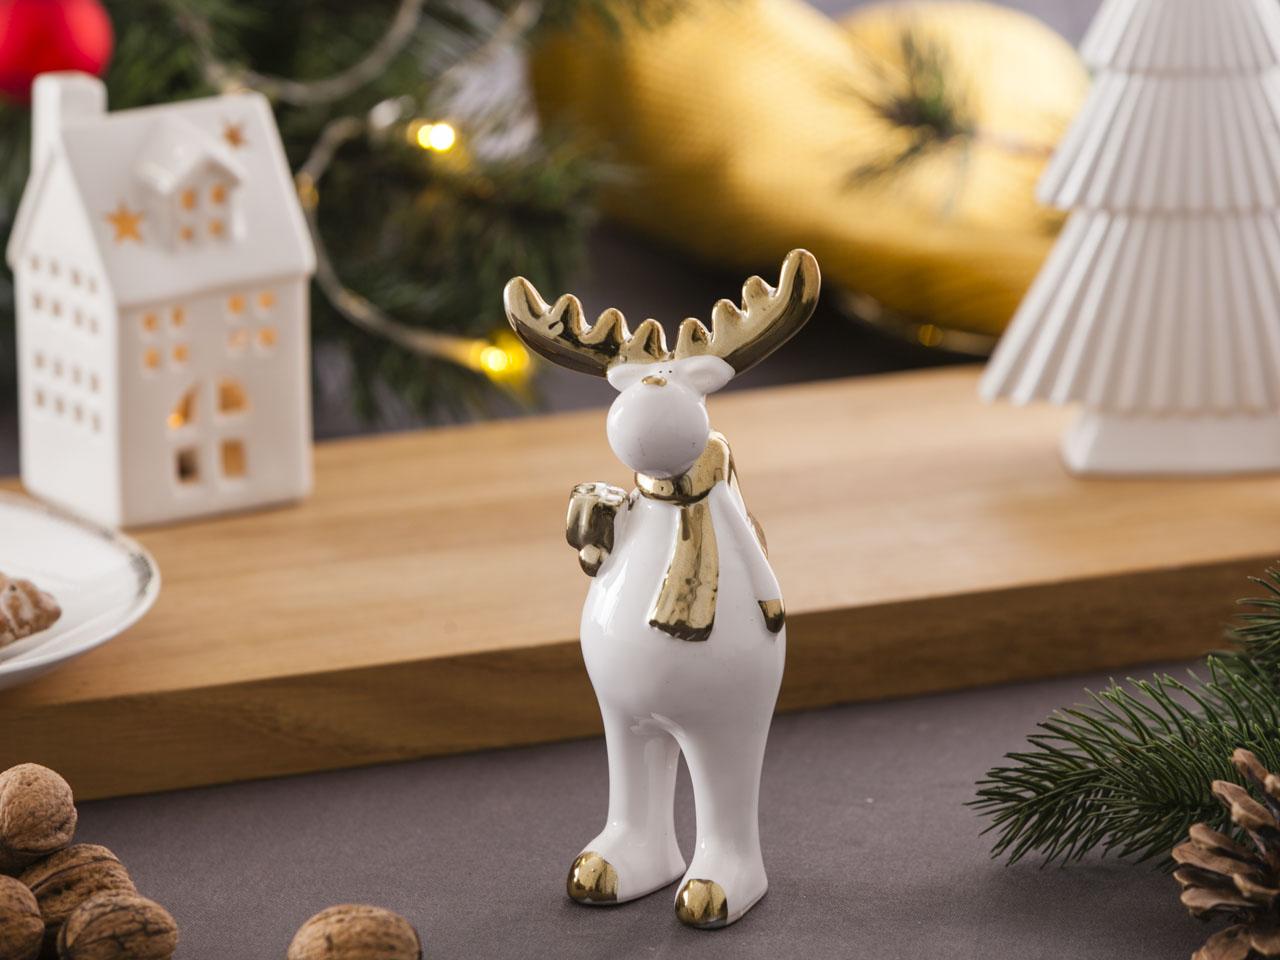 Ozdoba / figurka / dekoracja świąteczna Boże Narodzenie Altom Design renifer biały ze złotem stojący 8x5,5x16 cm